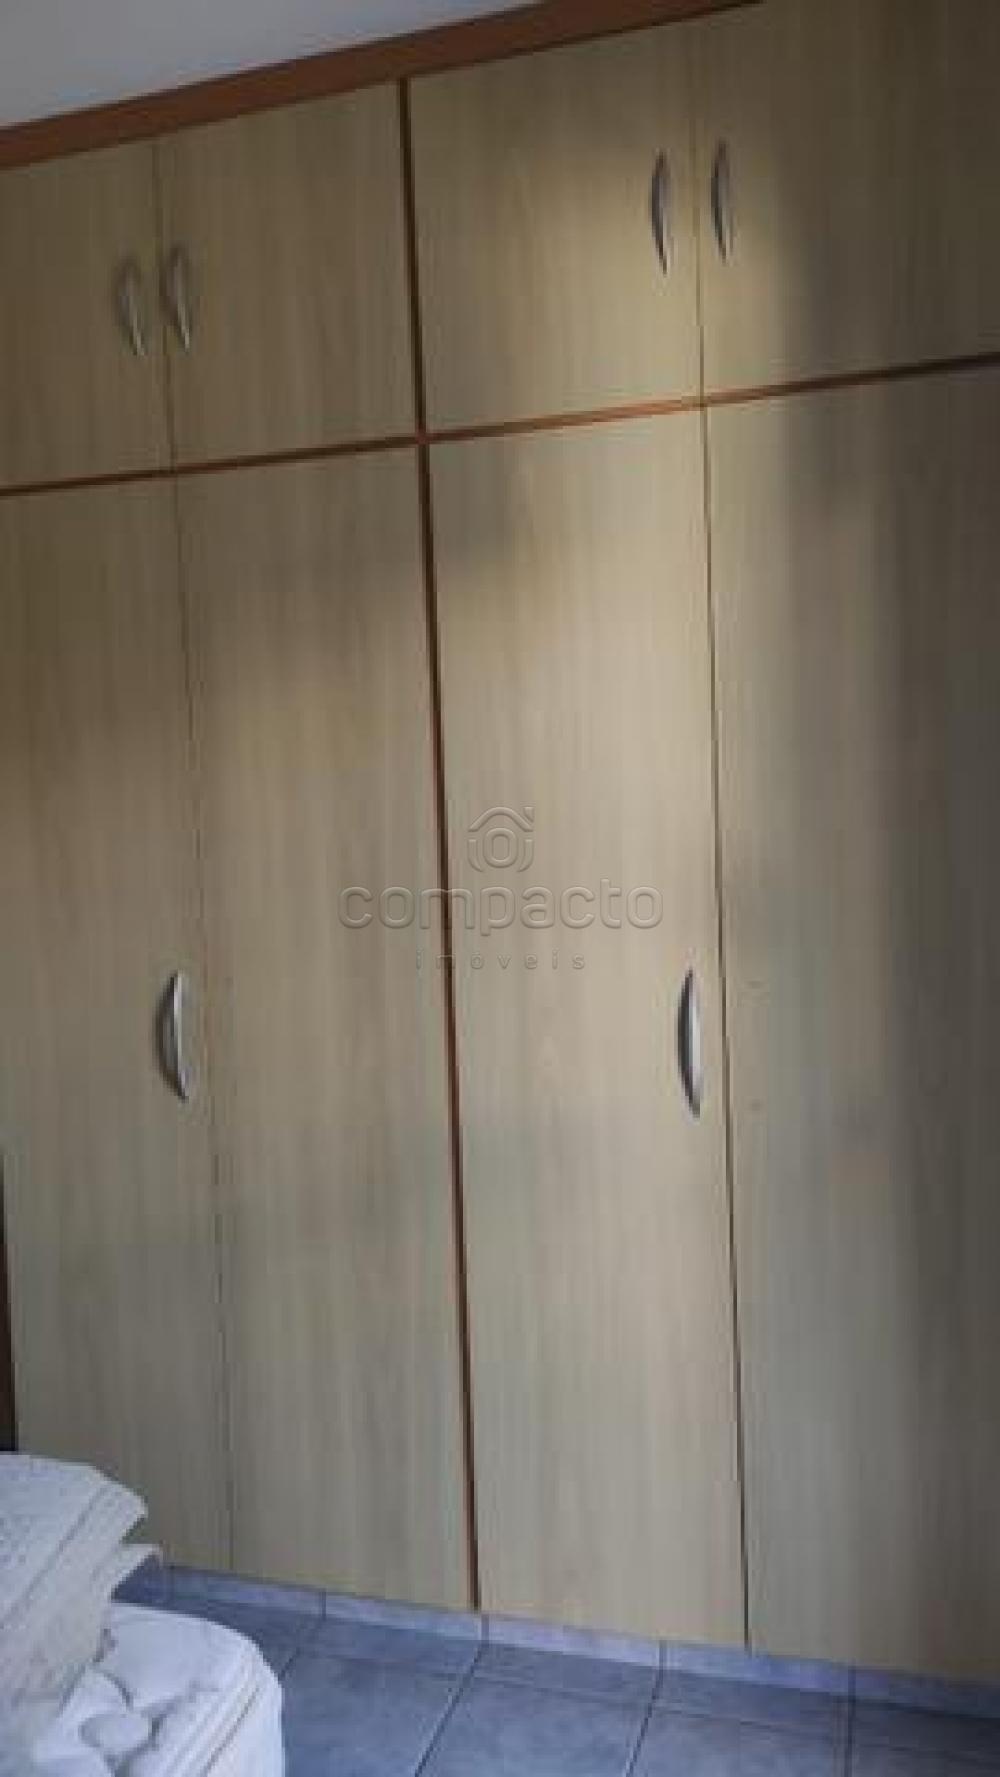 Comprar Apartamento / Padrão em São José do Rio Preto apenas R$ 170.000,00 - Foto 6